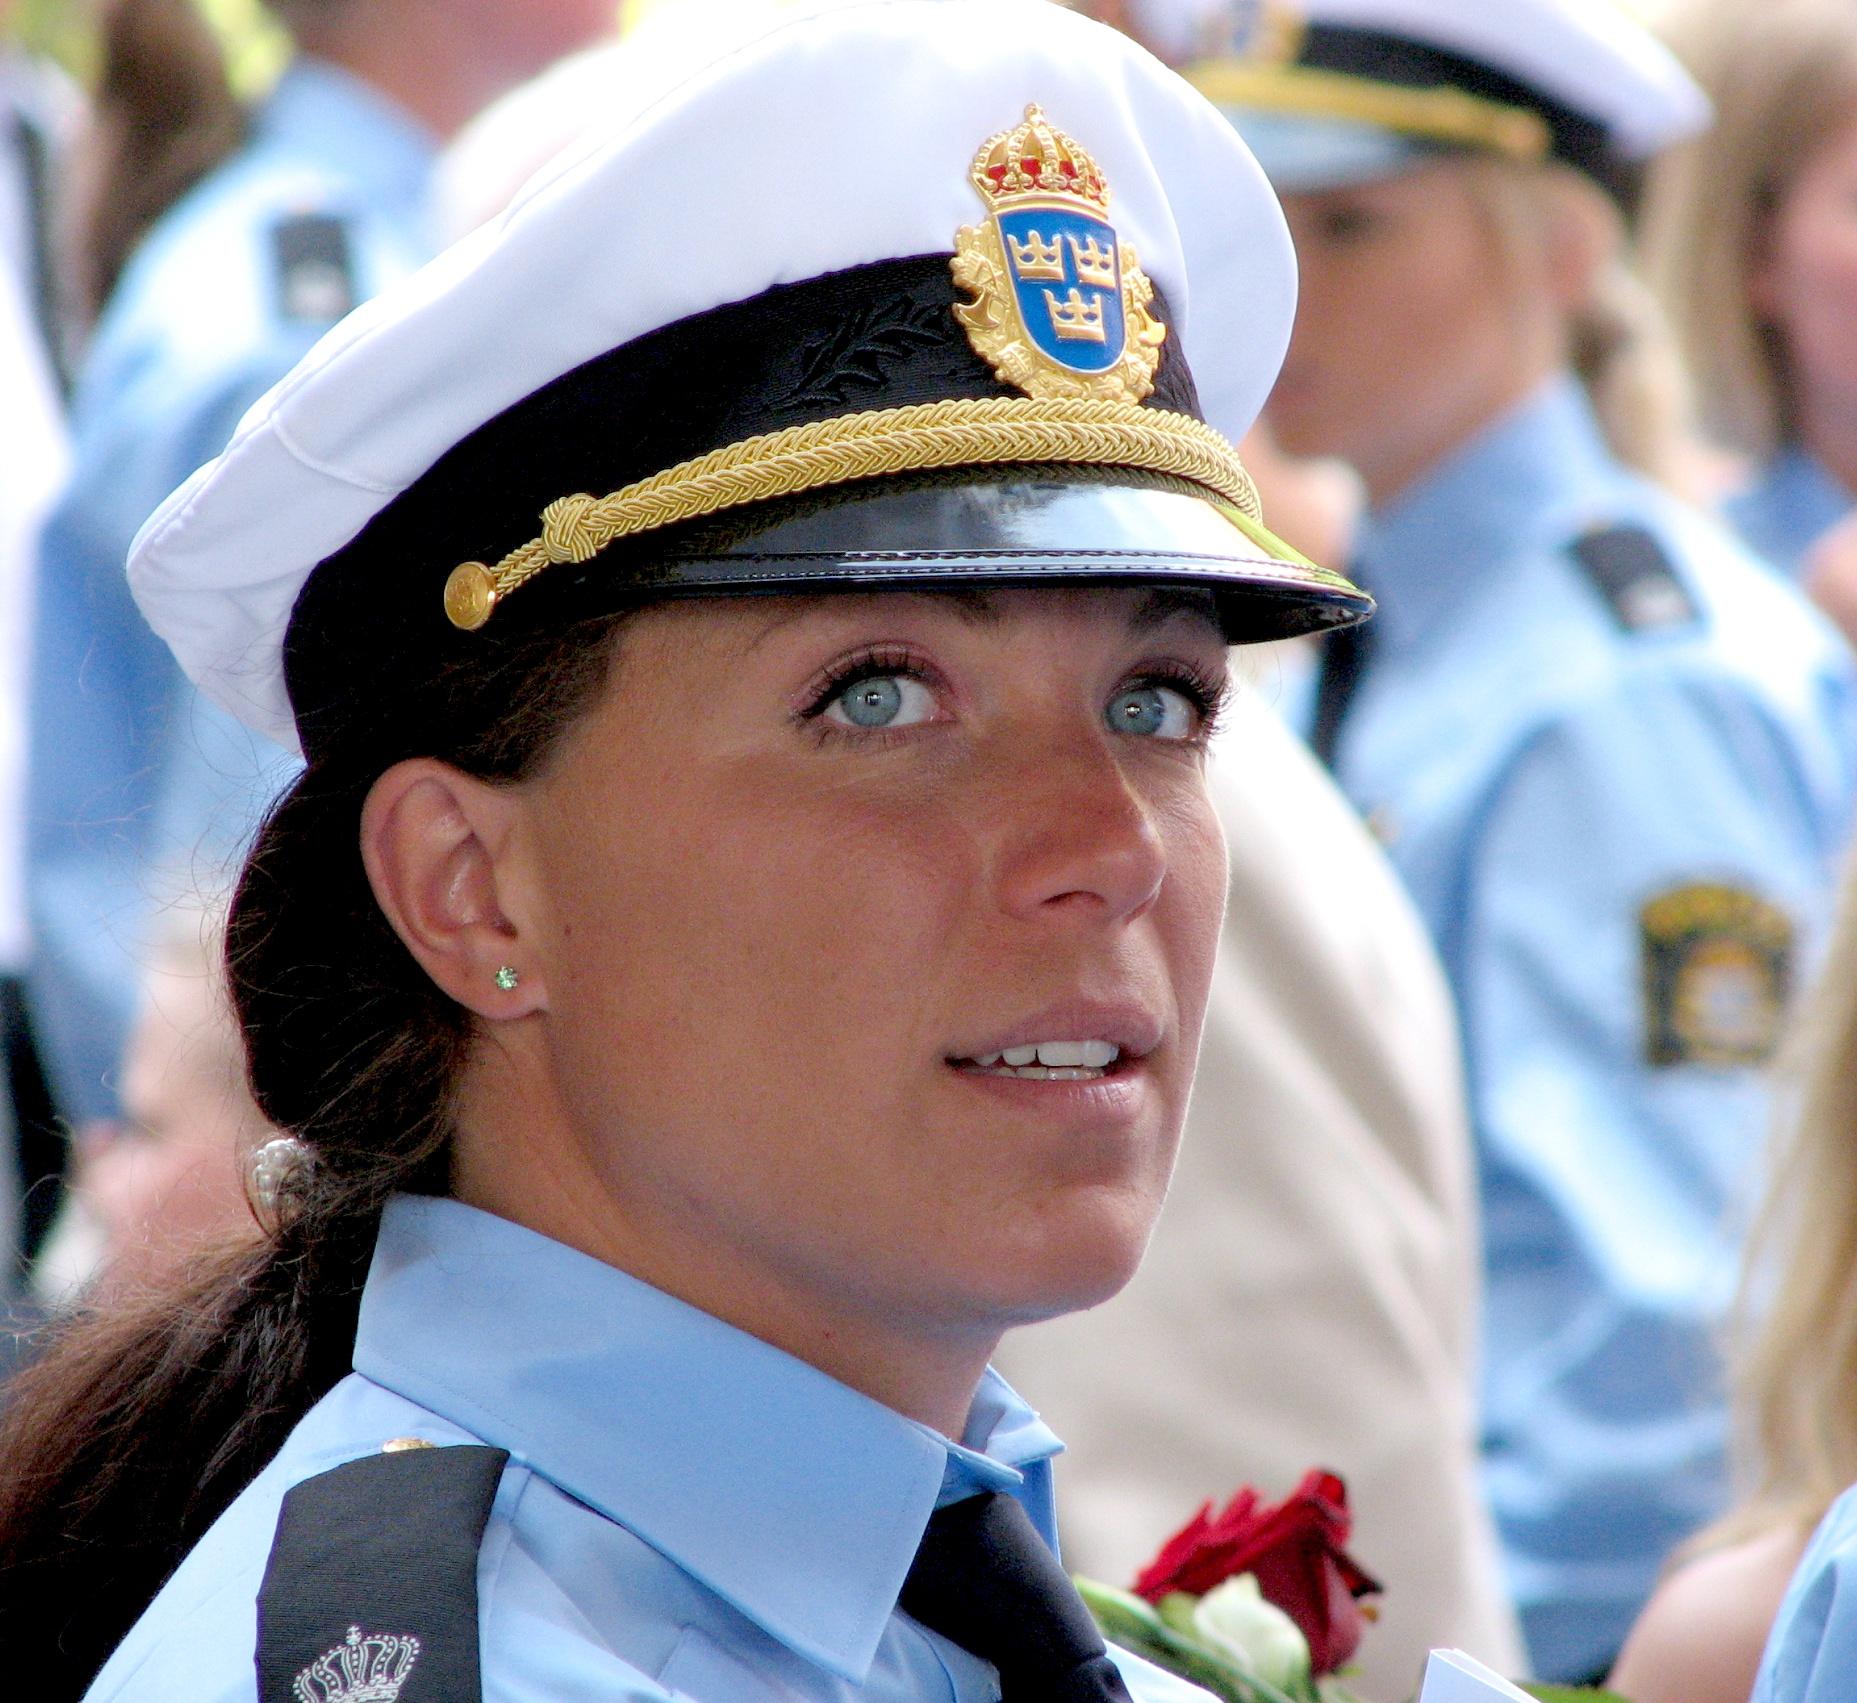 Фотогалерея женщин полицейских 3 фотография